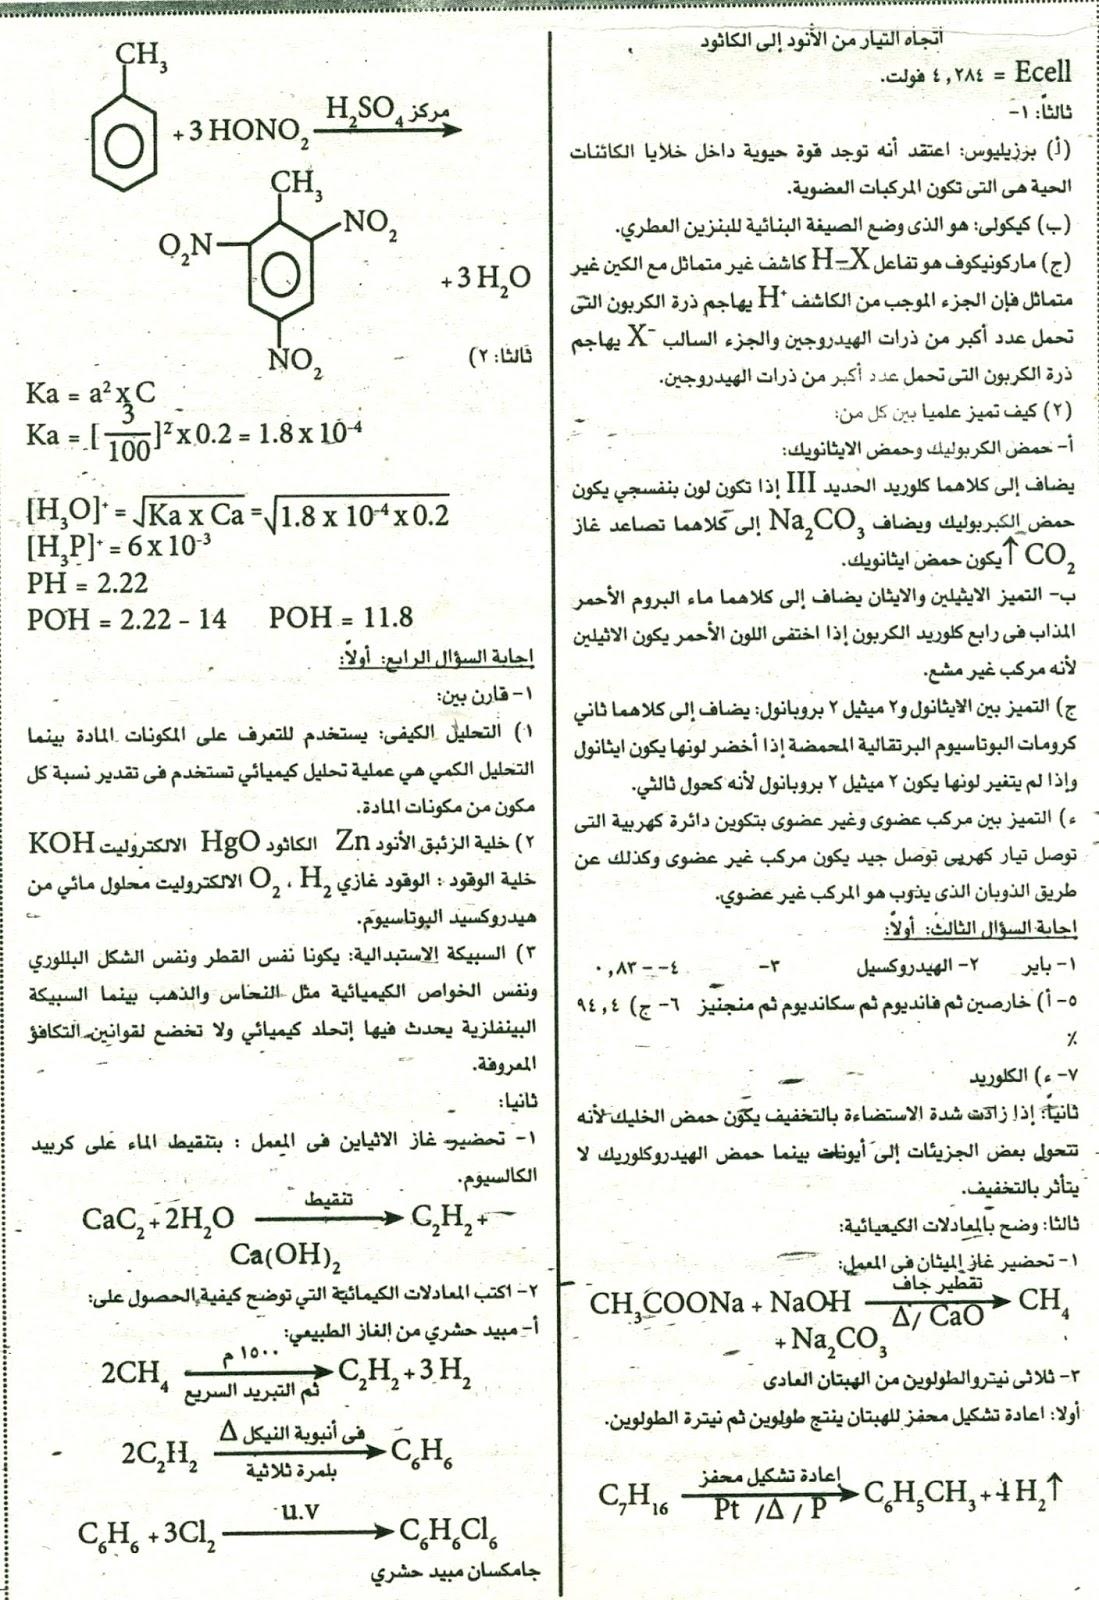 امتحان كيمياء الثانوية العامة بالسودان 2016 2_1461101965022